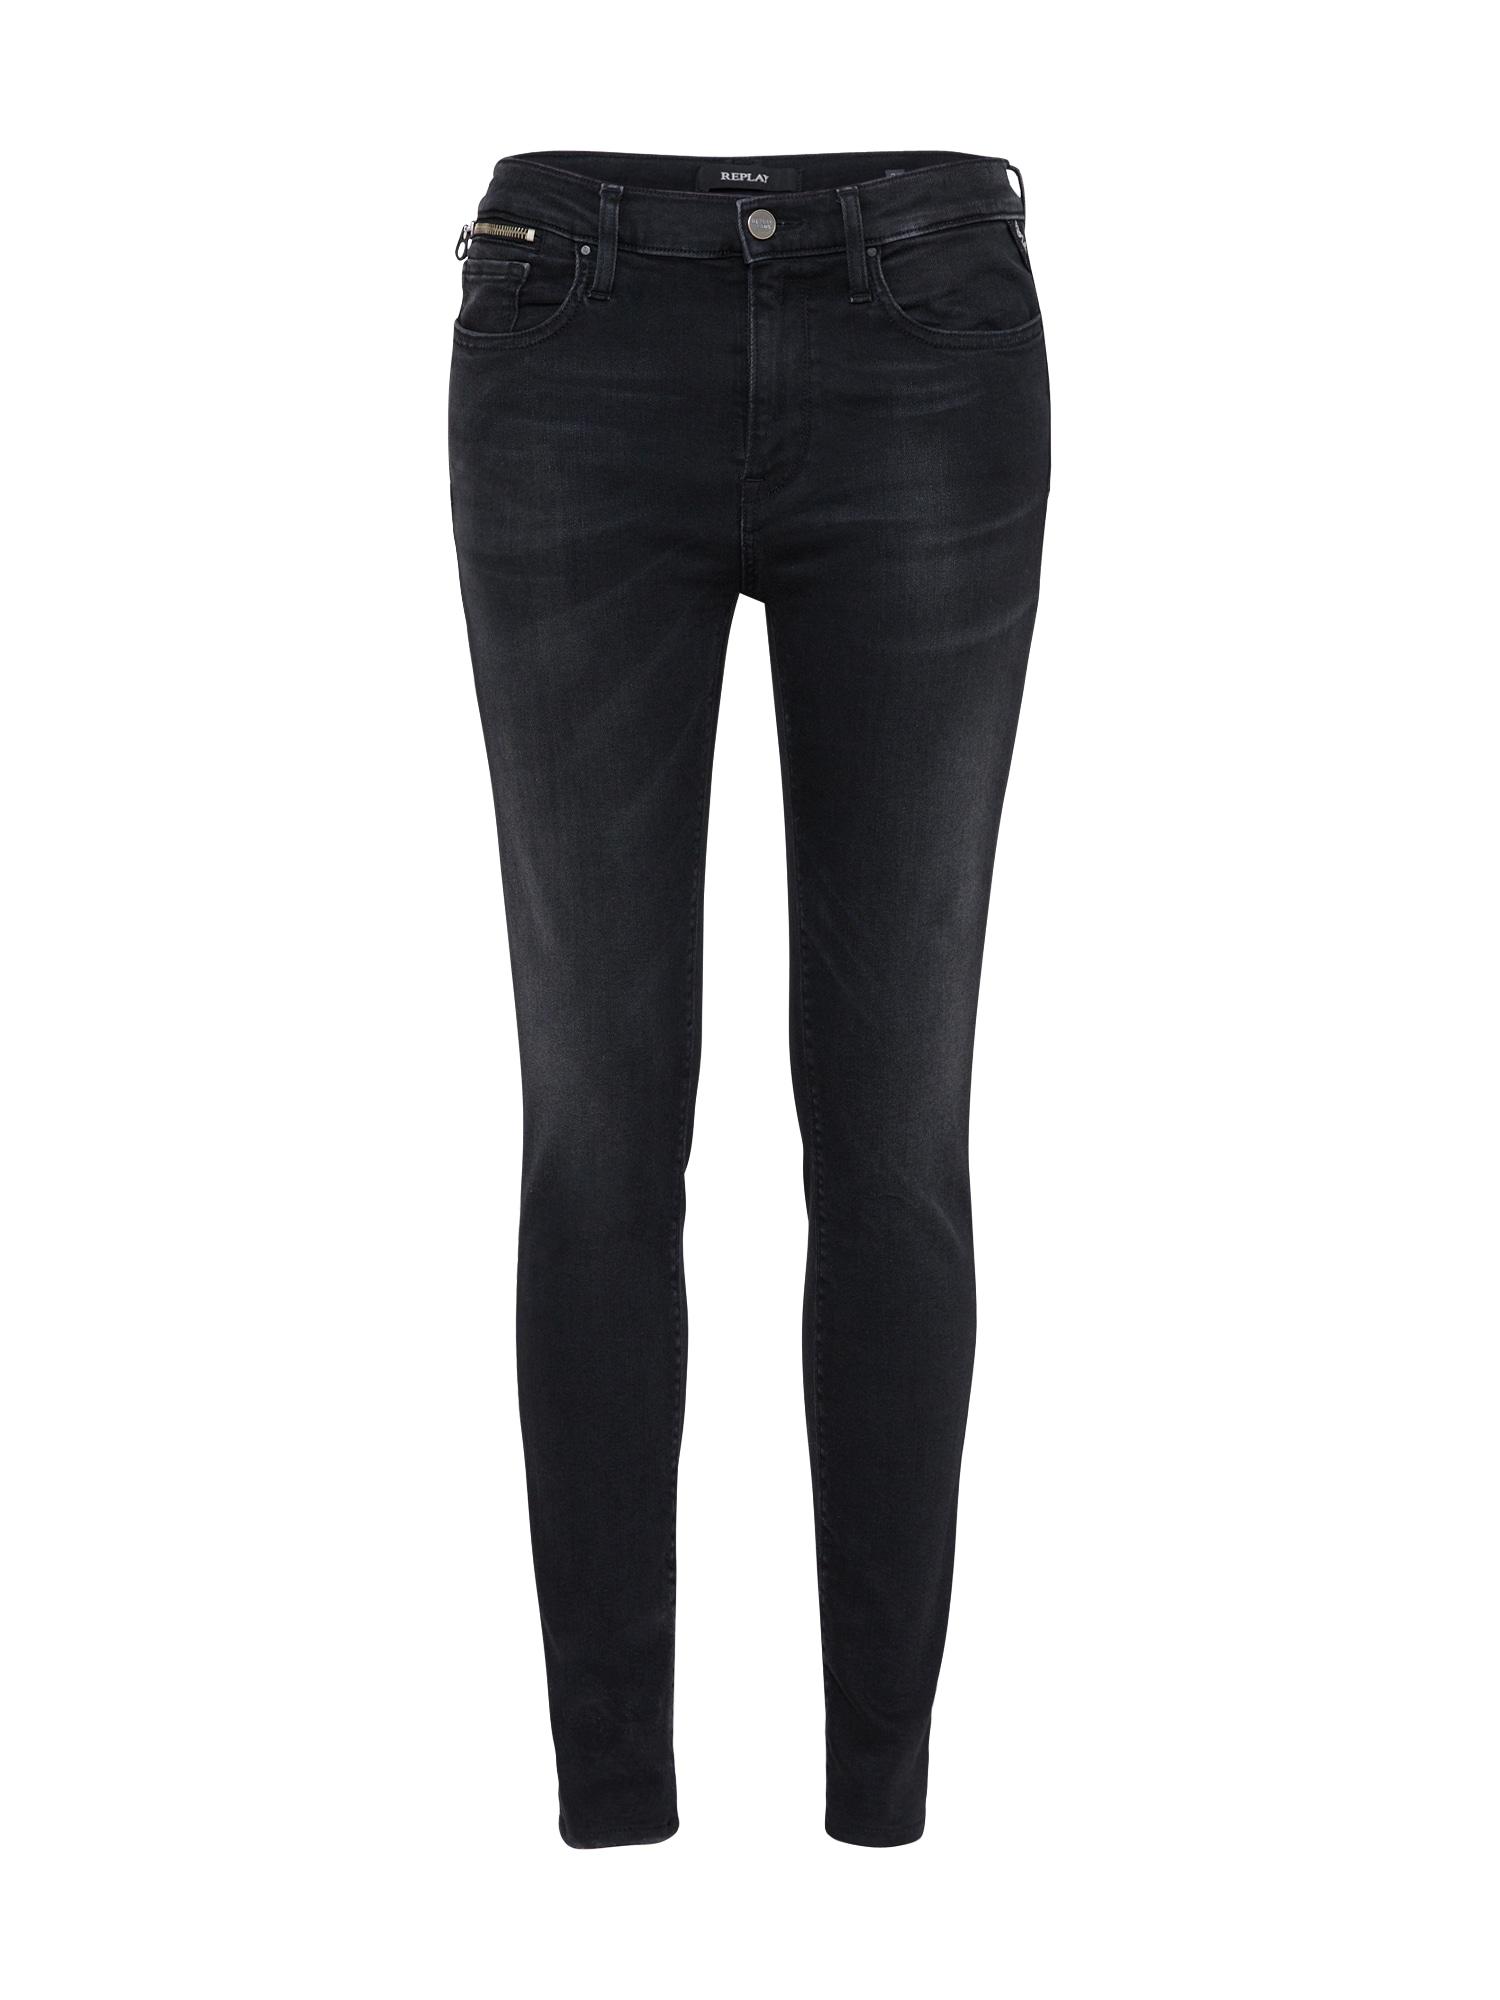 REPLAY Dames Jeans ELAEBER black denim